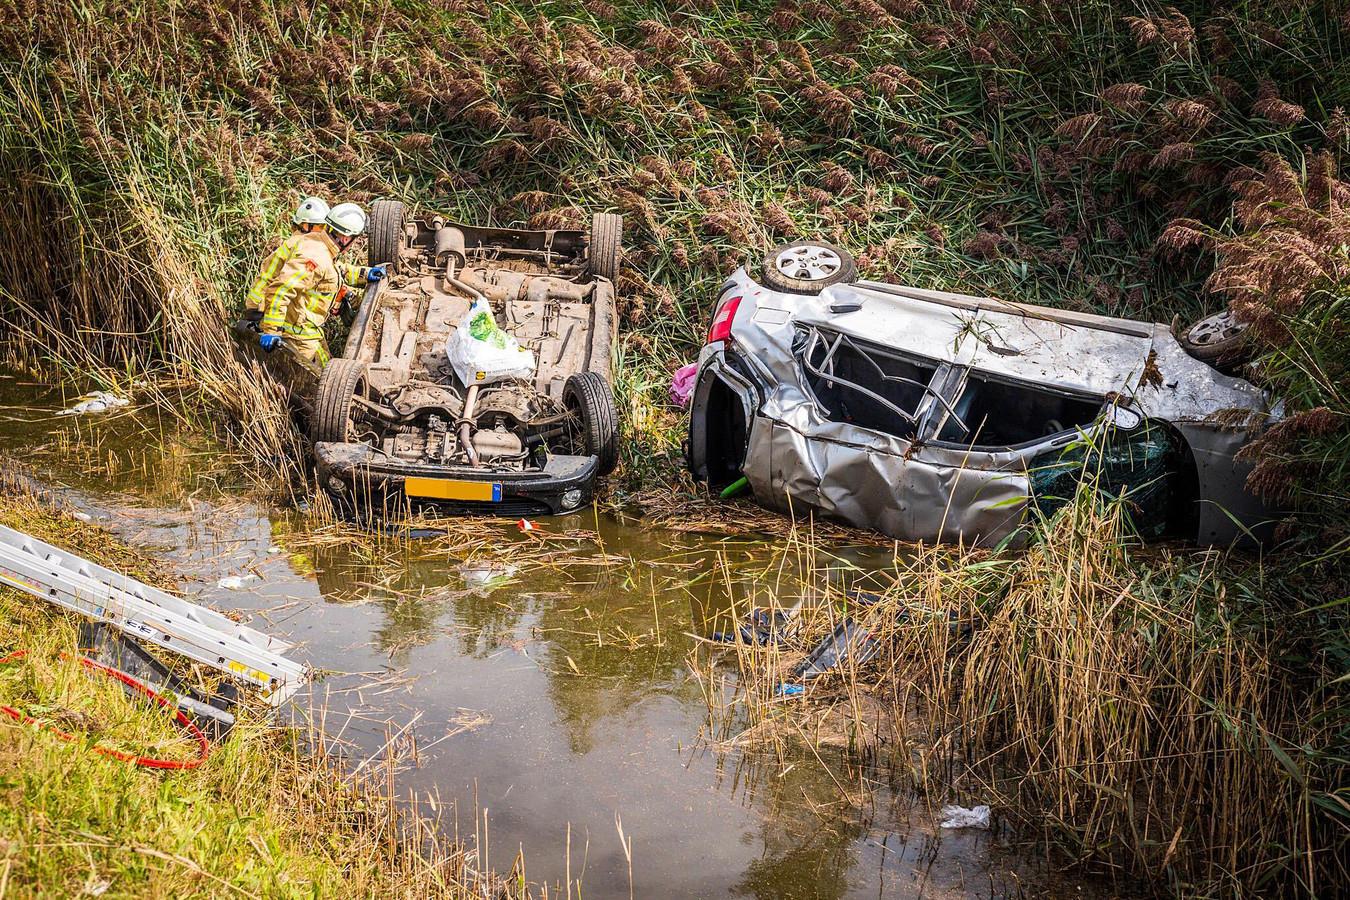 Na een aanrijding op de A50 verdwenen een Peugeot en de Hyundai in de sloot.